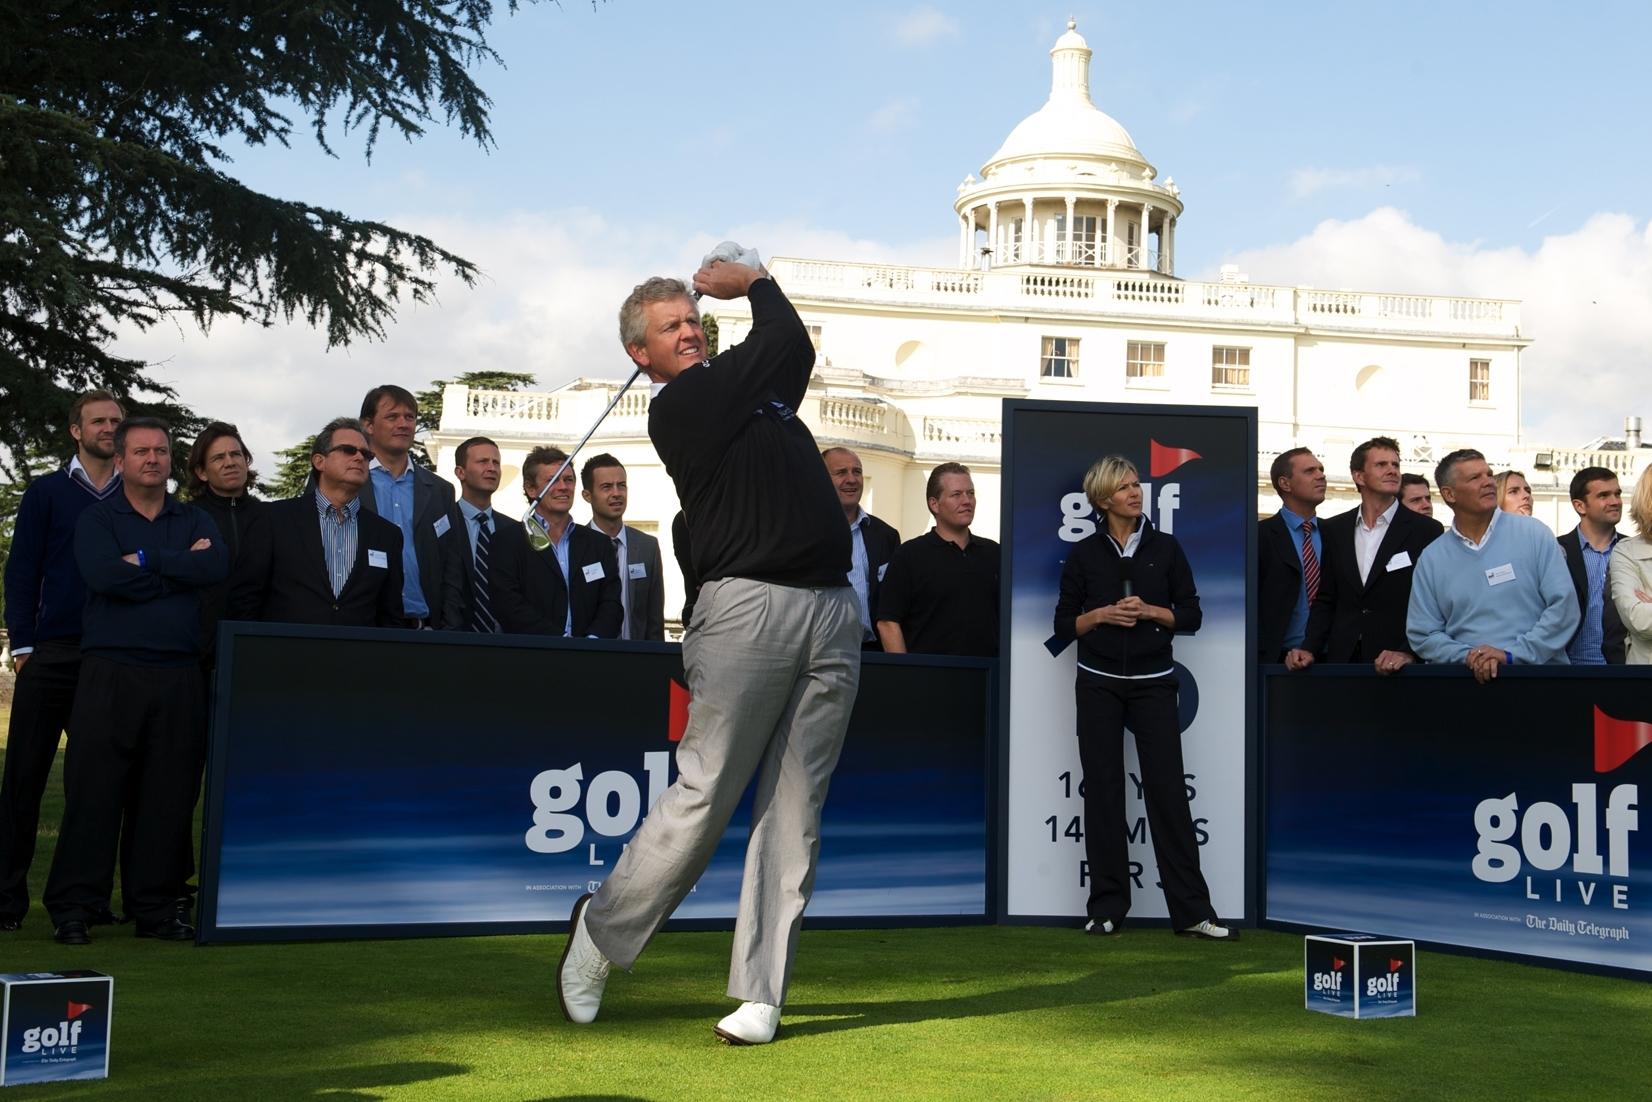 Monty Golf Live